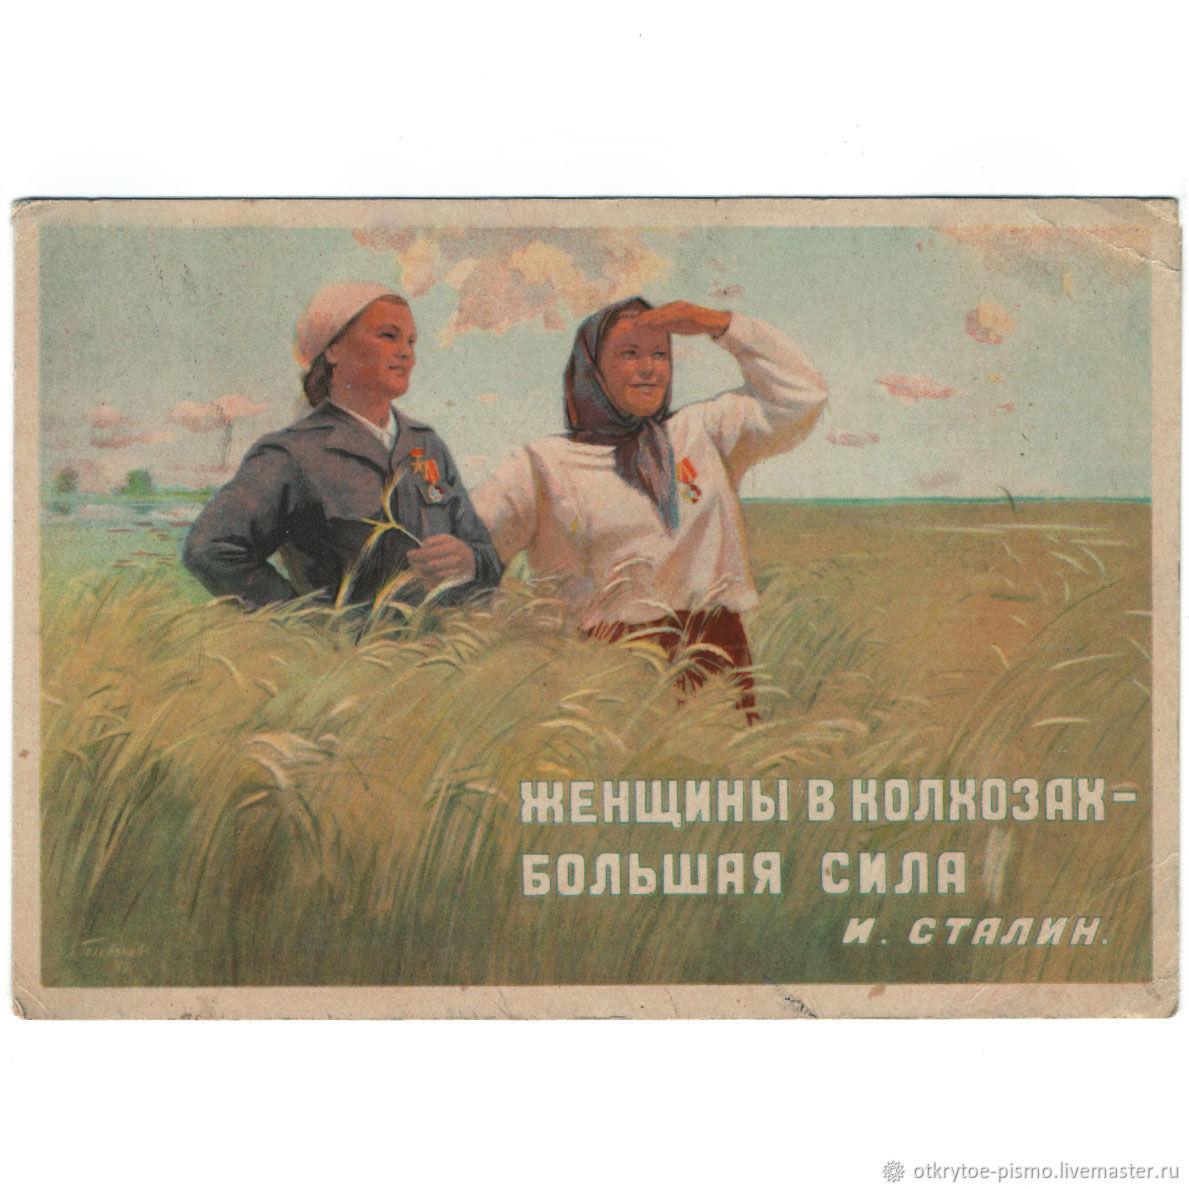 Винтаж: 1947 год. Сталин. Женщины в колхозах - большая сила. Советская открытк, Открытки винтажные, Щелково,  Фото №1